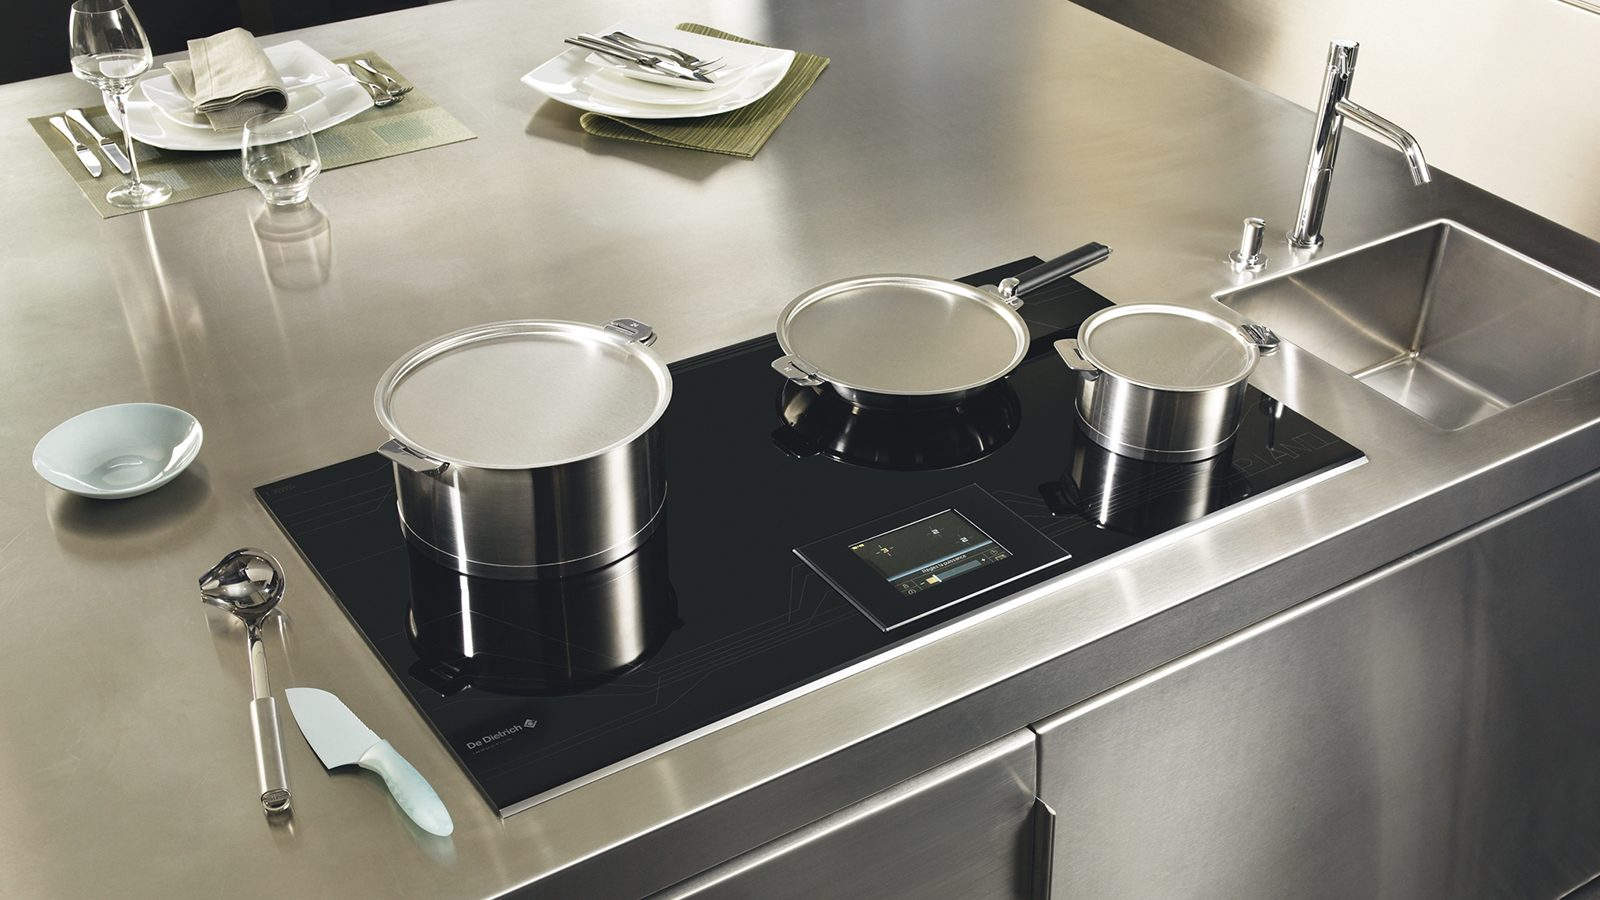 Посуда из алюминия на стеклокерамической плите